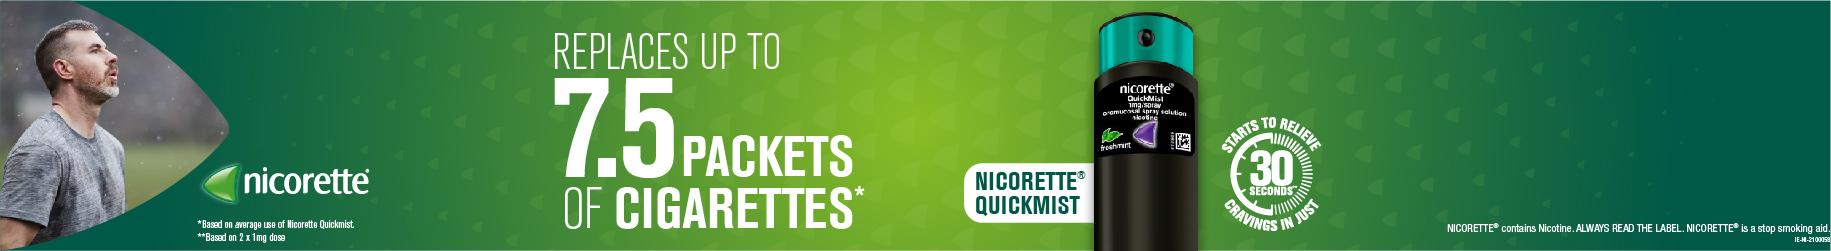 nicorette quit smoking stop smoking